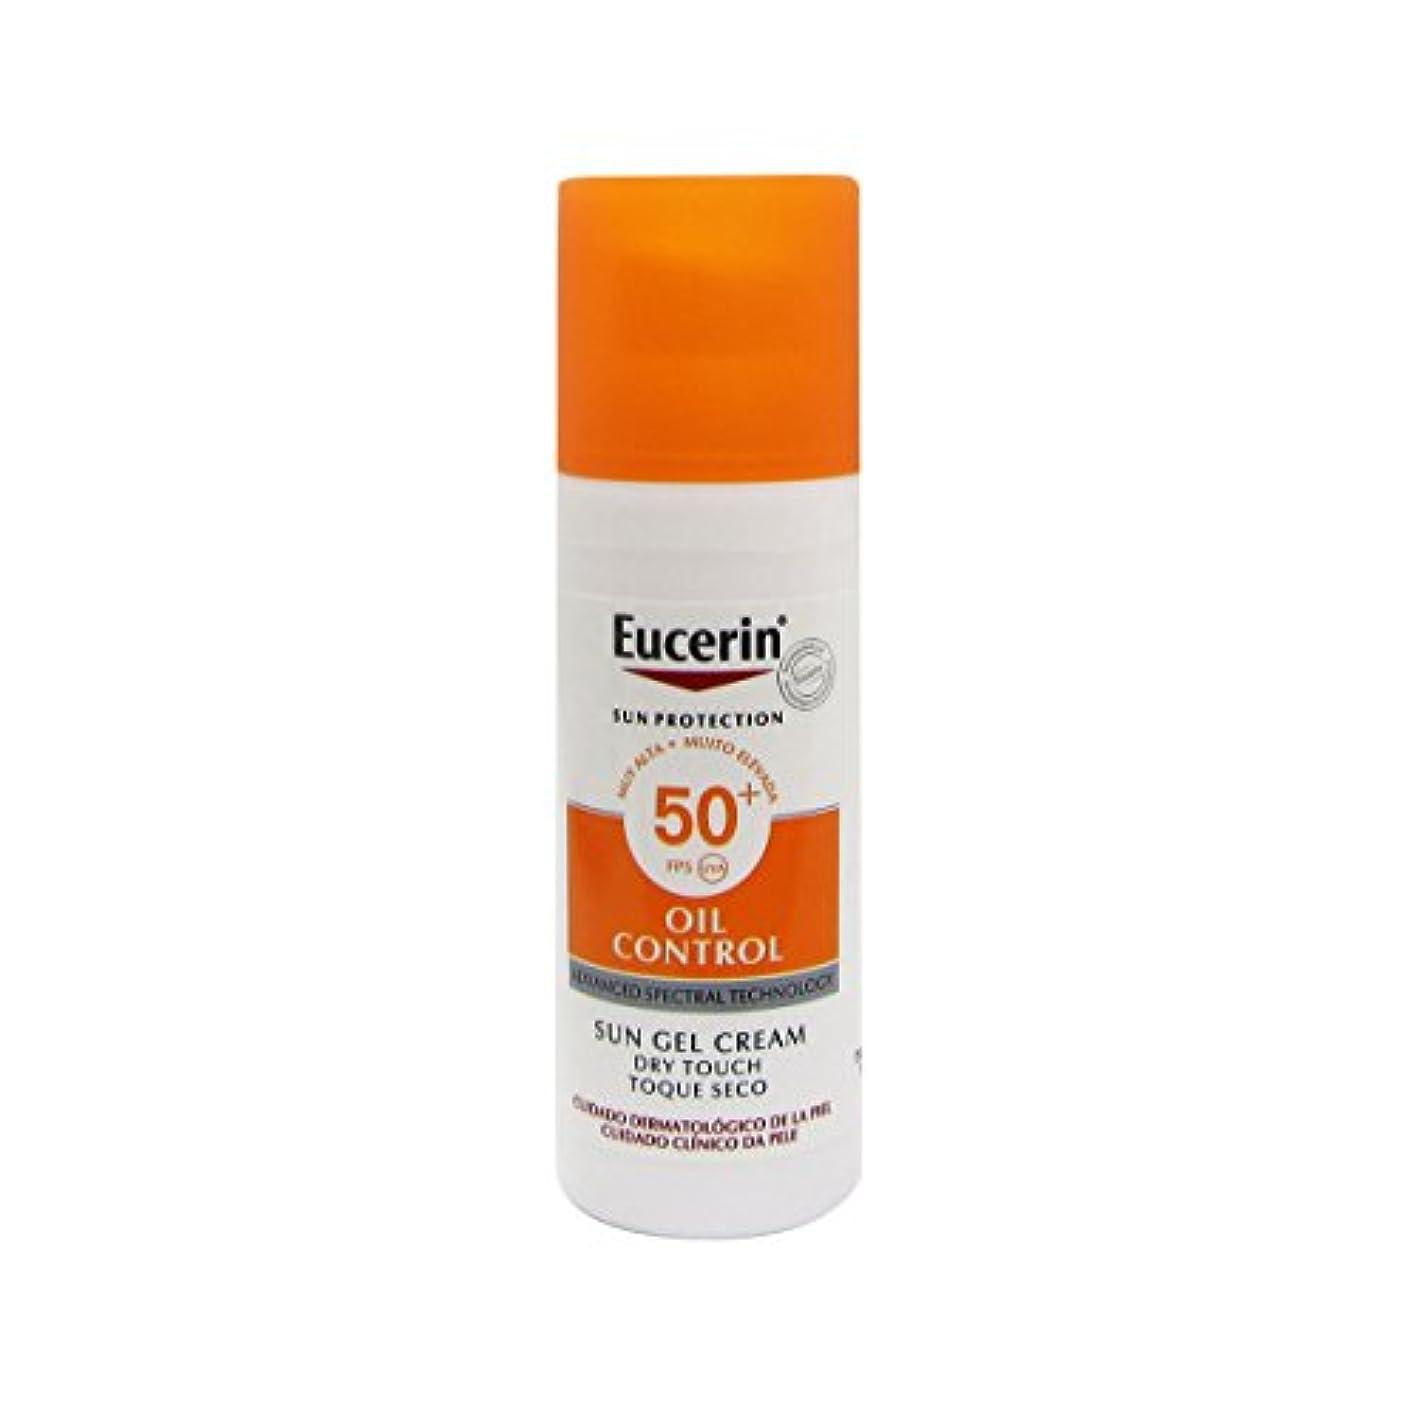 促進する戦闘気付くEucerin Sun Face Oil Control Gel-cream Spf50 50ml [並行輸入品]